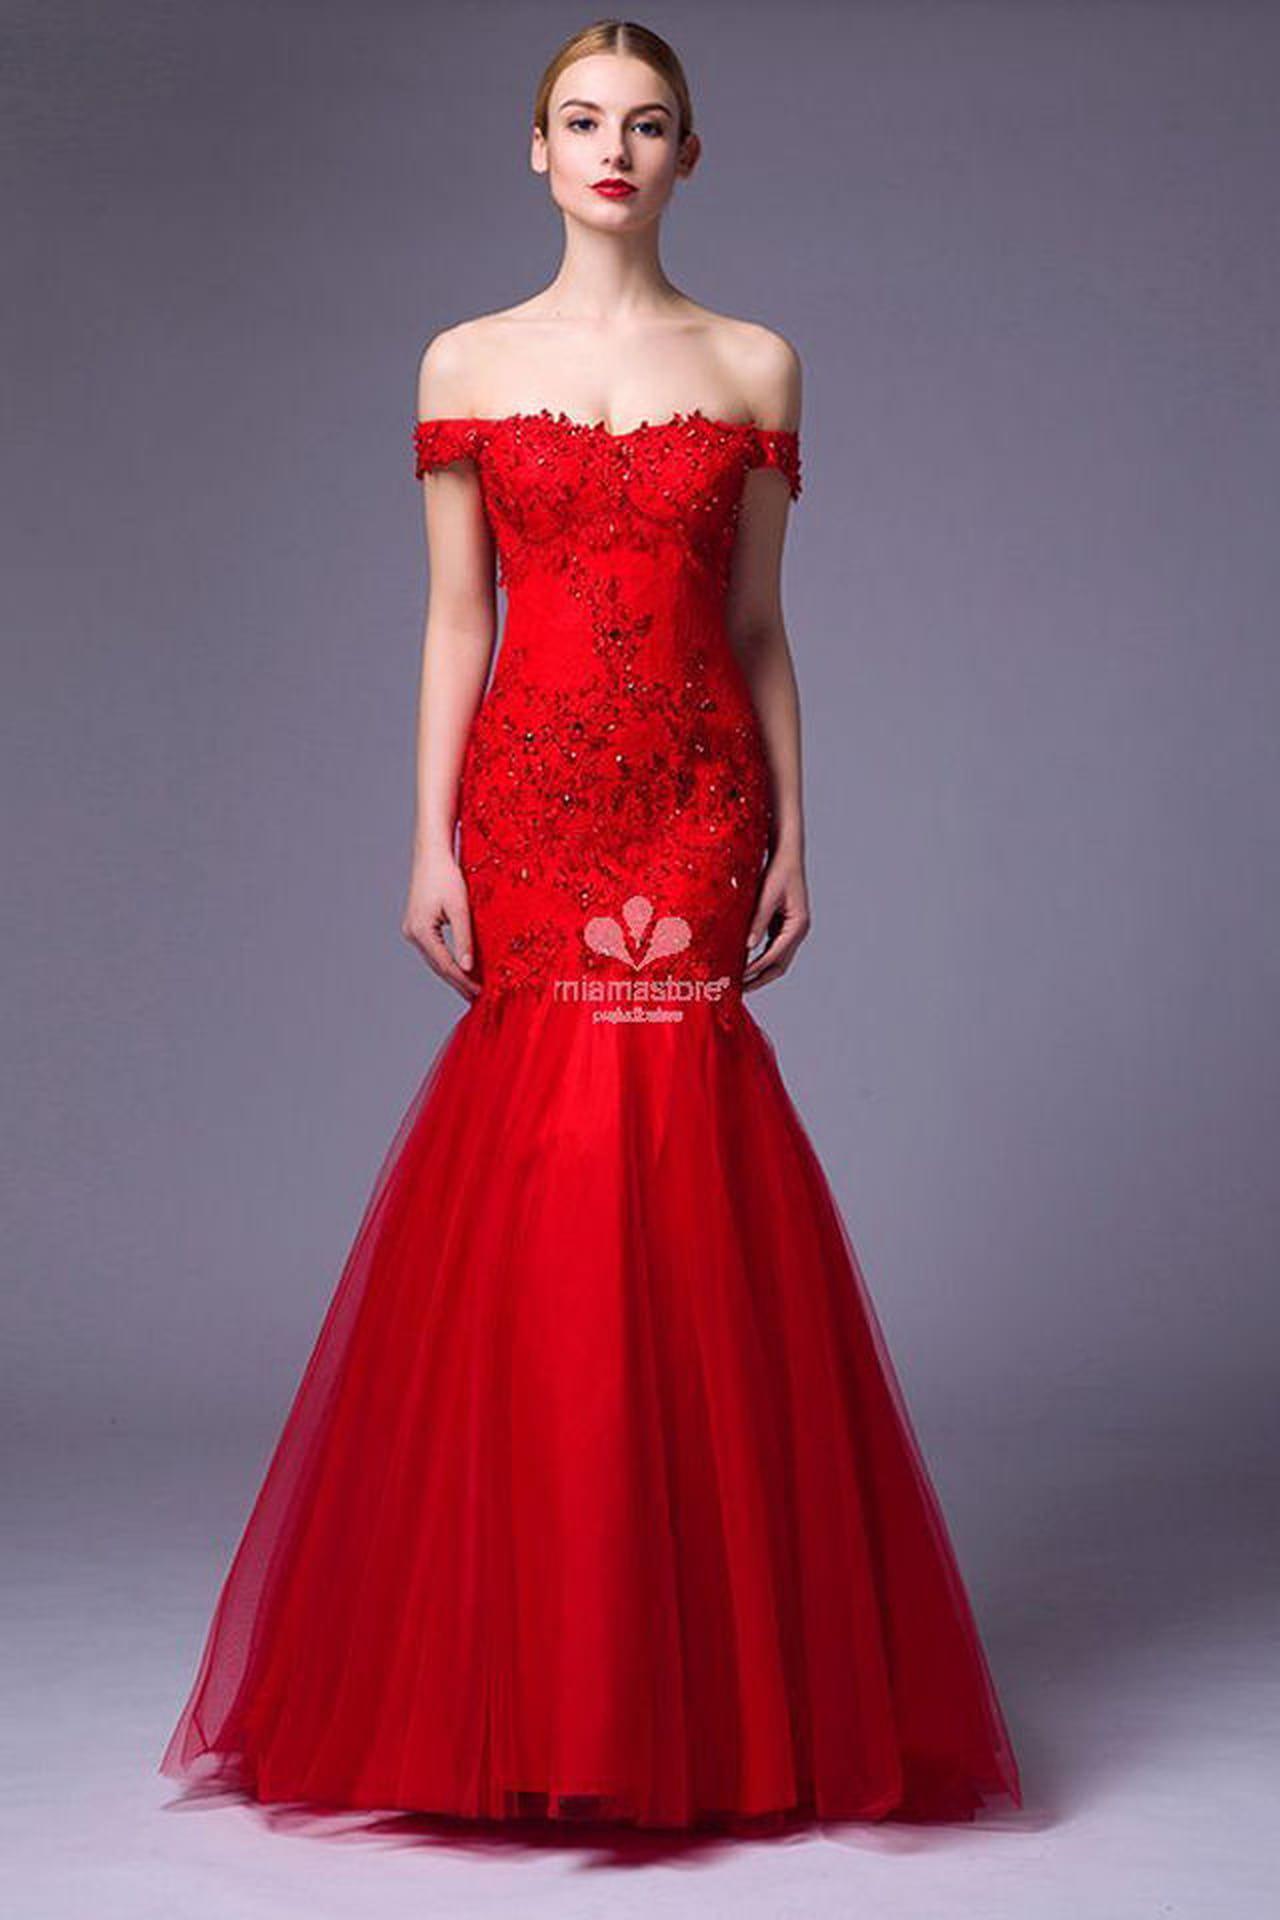 Miama Store propone un abito a sirena dal colore rosso intenso.